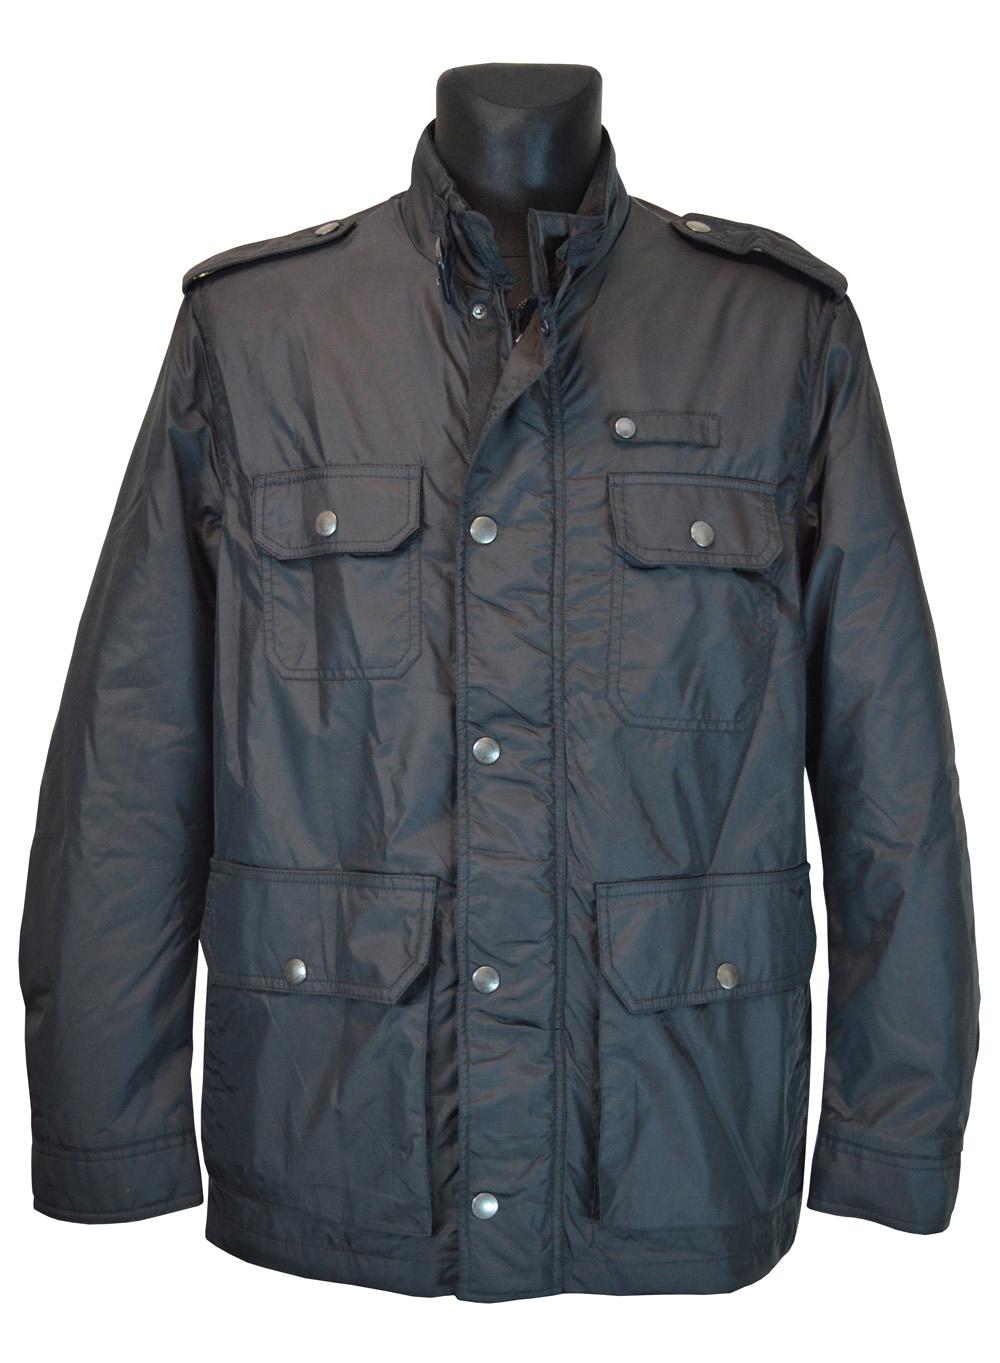 Брендовая мужская одежда распродажа с доставкой